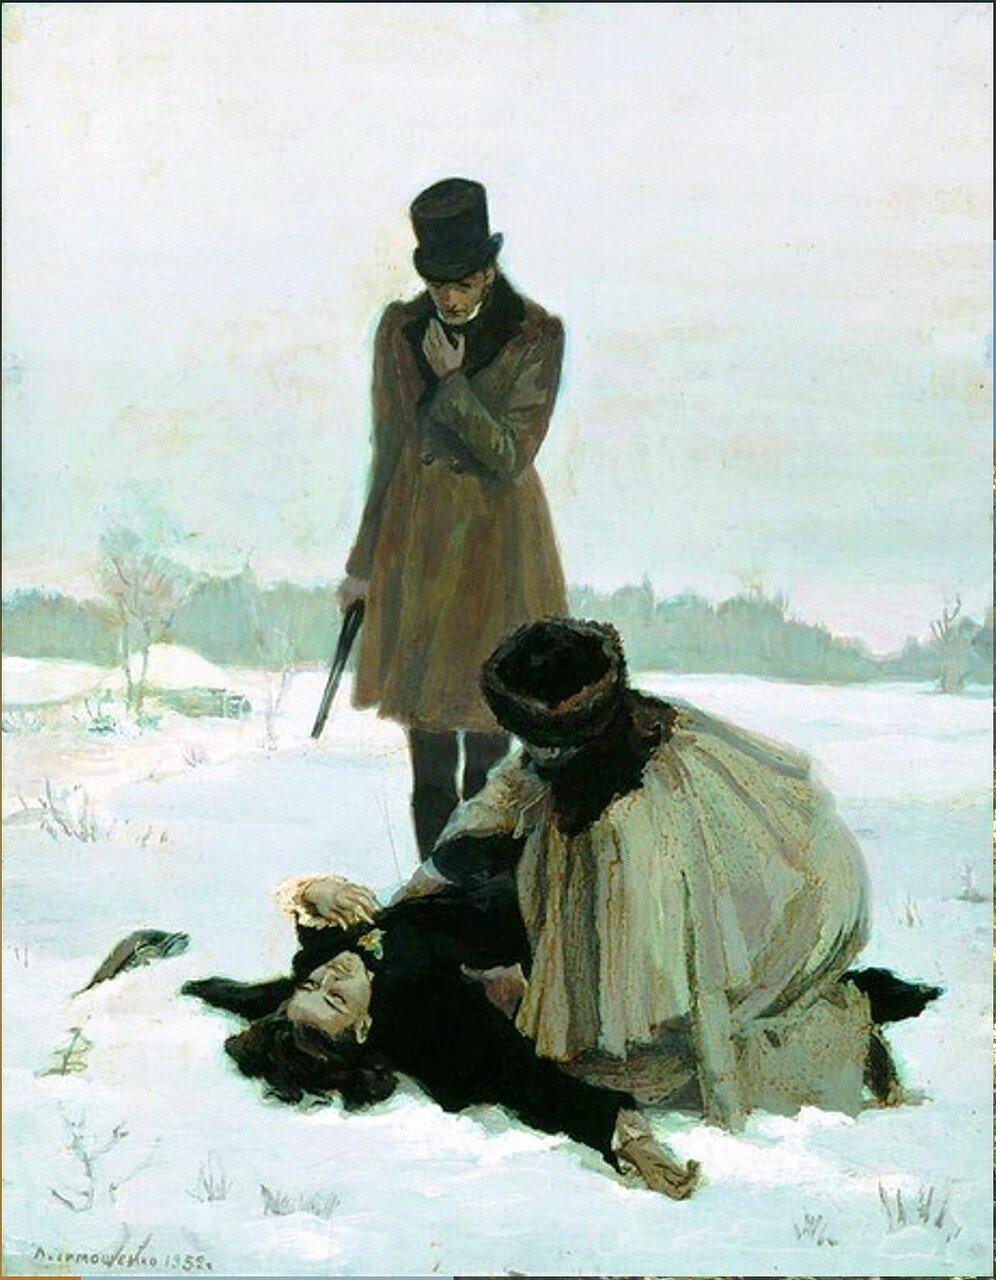 Рукою стиснув пистолет ... Иллюстрации к роману Евгений Онегин Лидии Тимошенко (1903–1976) .jpg